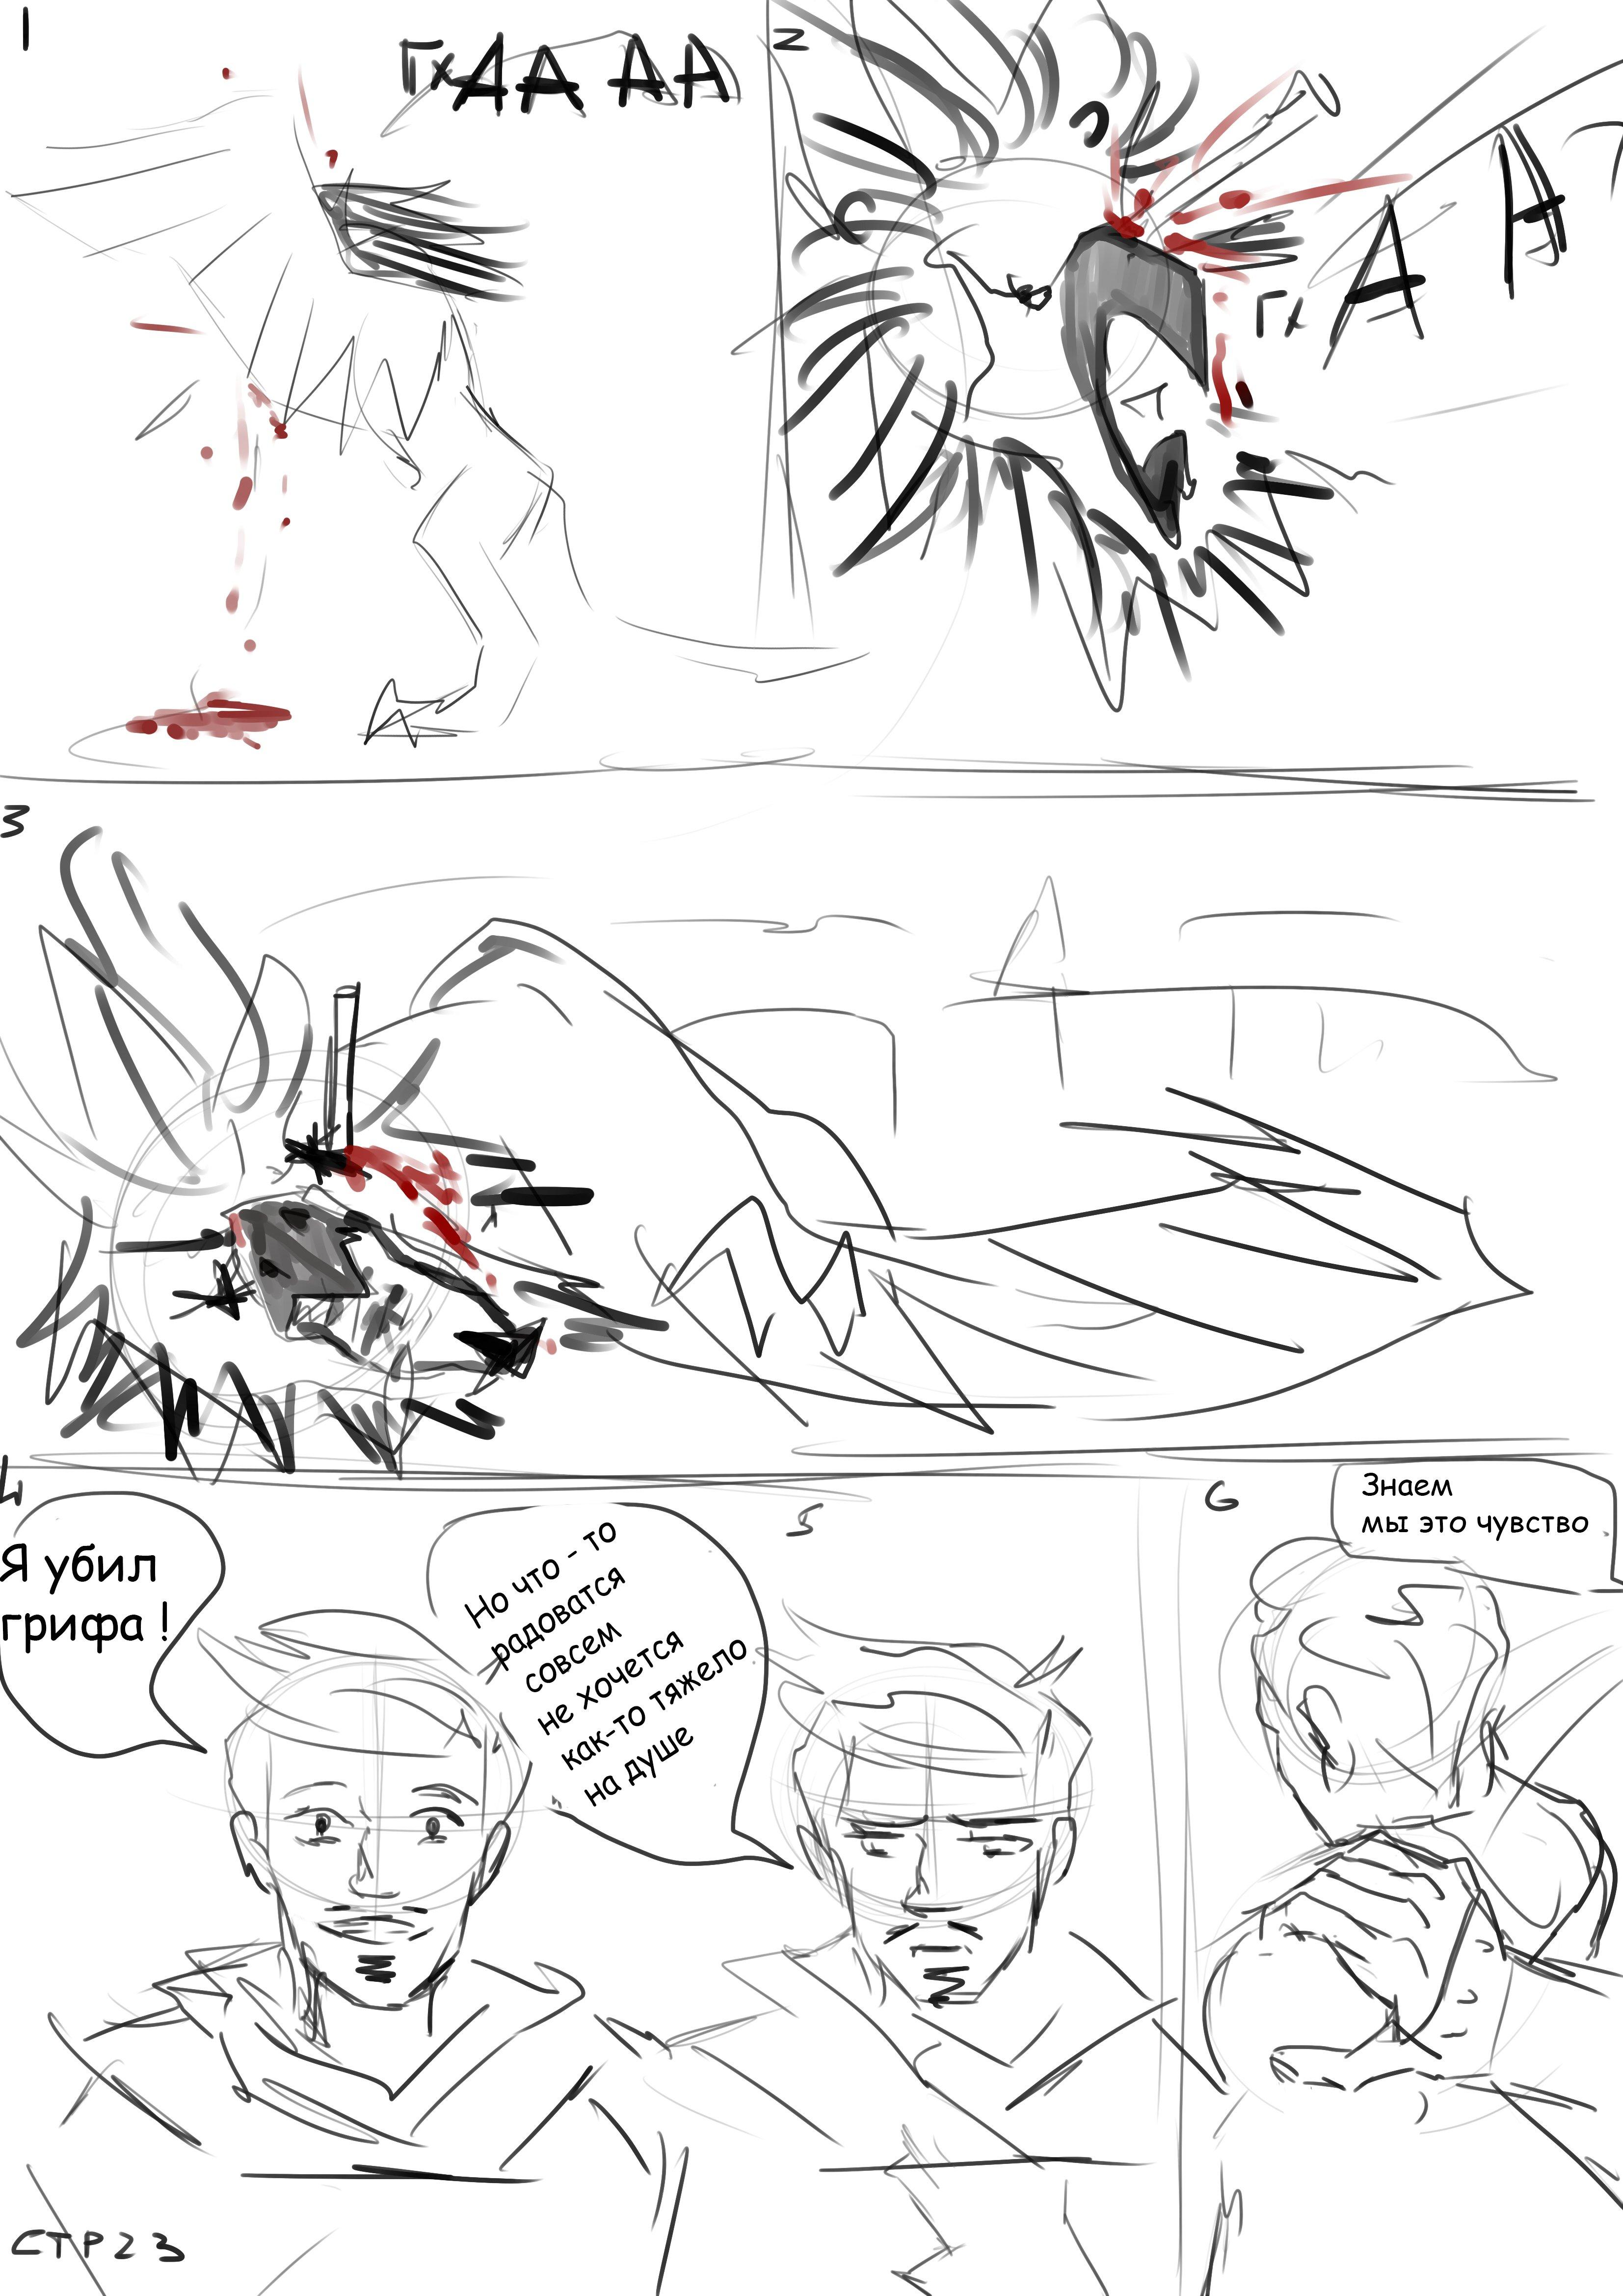 Как Геральт научил меня охотится (КОМИКС) - Изображение 23